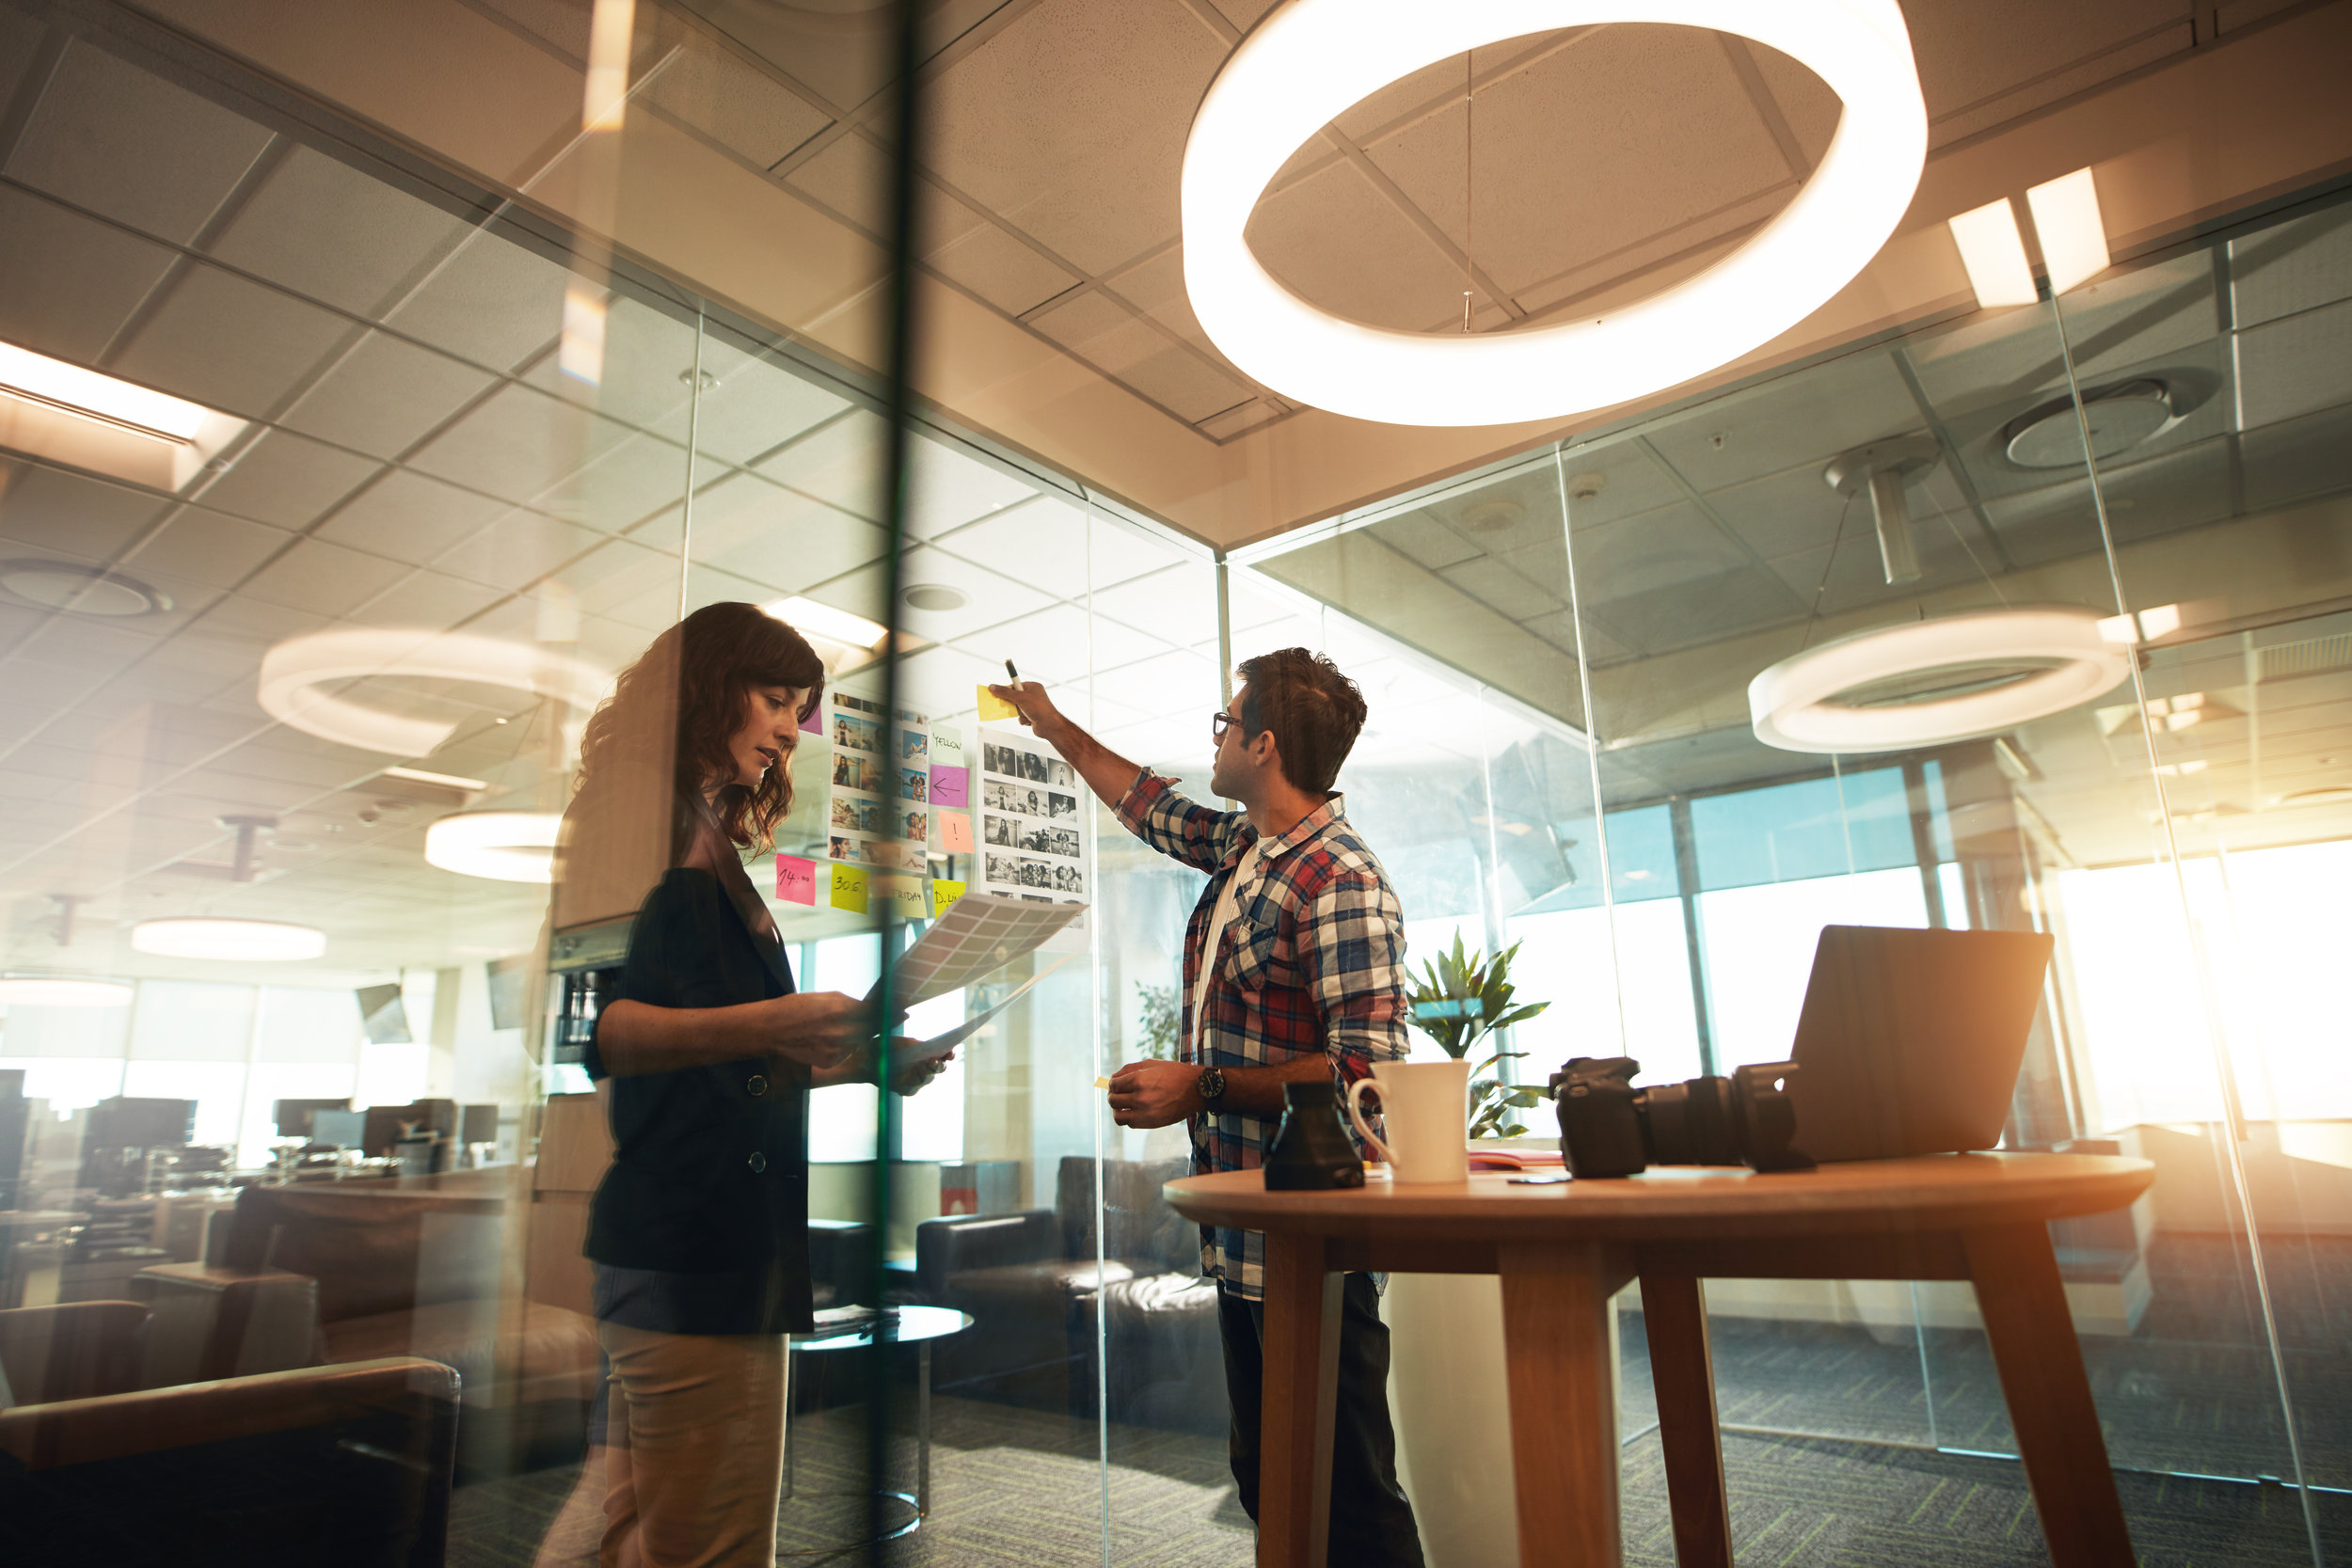 New Work benötigt Wissen. - Offezio bündelt das Wissen um den jeweiligen Tätigkeiten im Büroalltag den richtigen Raum zu bieten. Ob analytische Einzelarbeit, kreative Kollaboration oder vertrauliche Besprechungen - durch unser Wissen haben wir funktionierende Module entwickelt, welche Mitarbeiter dabei unterstützen und dabei Ihr Wohlempfinden fördern.